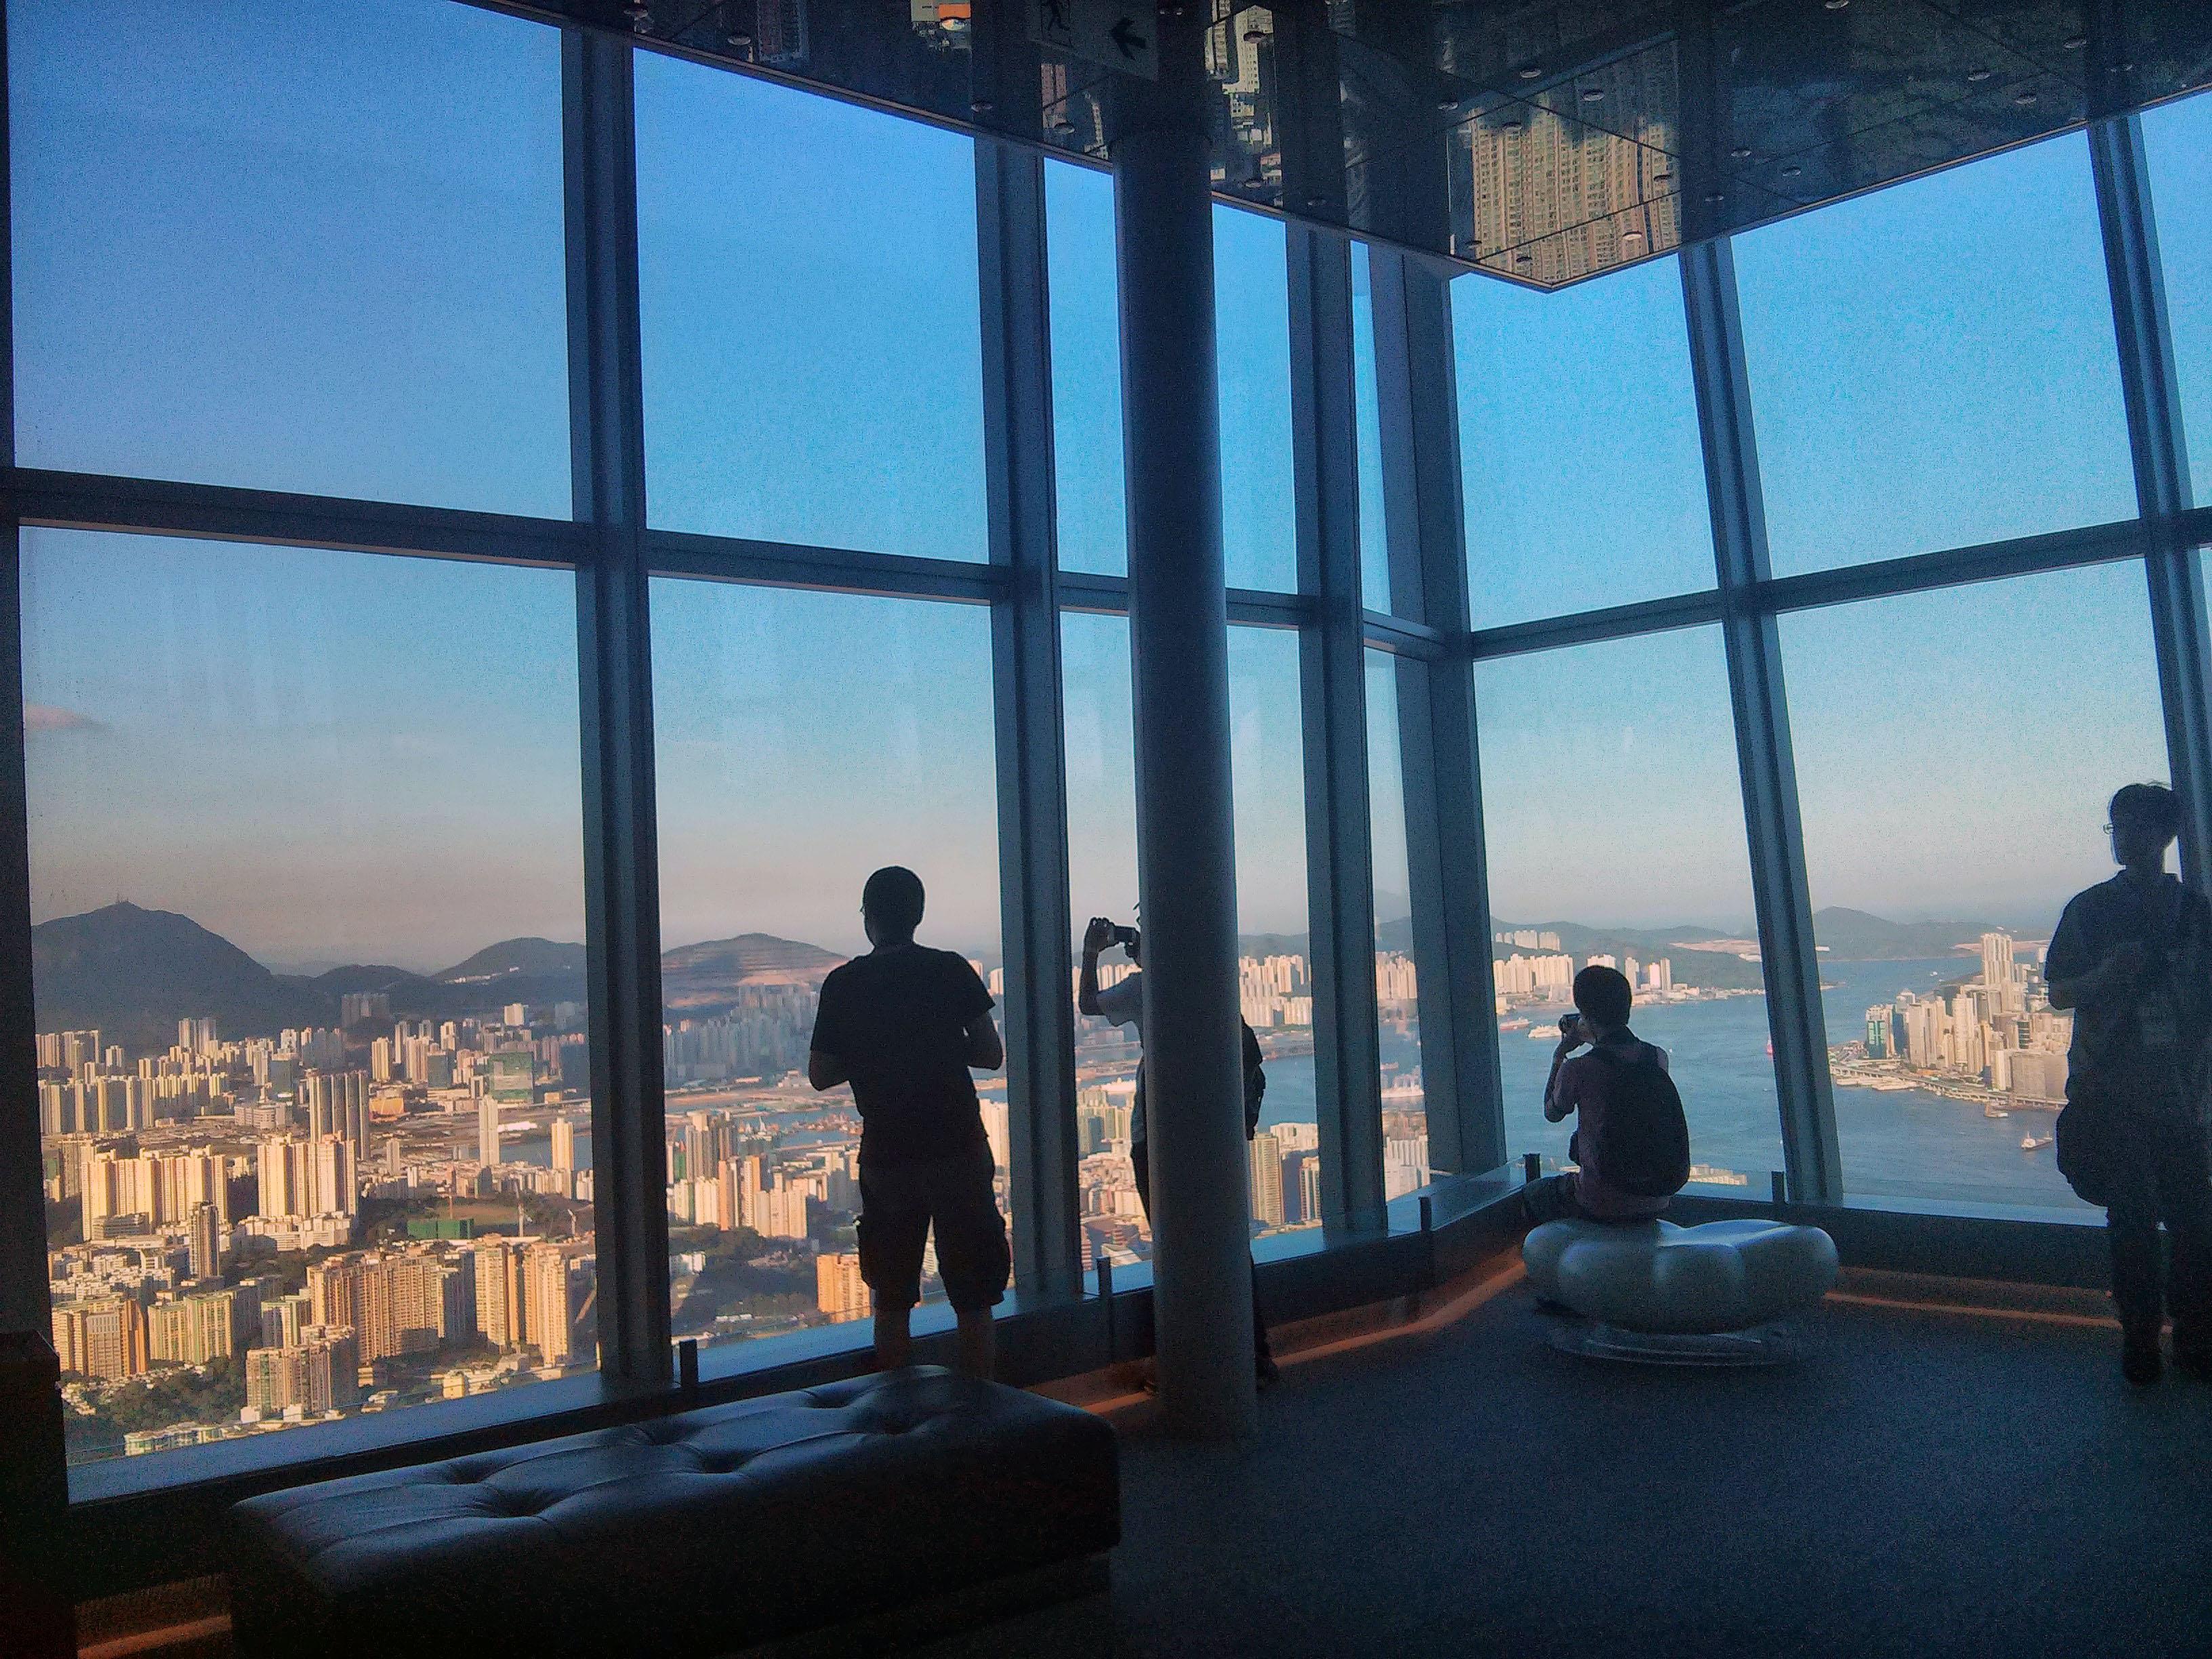 香港四天三夜自由行程,給個建議!!謝謝!!!!